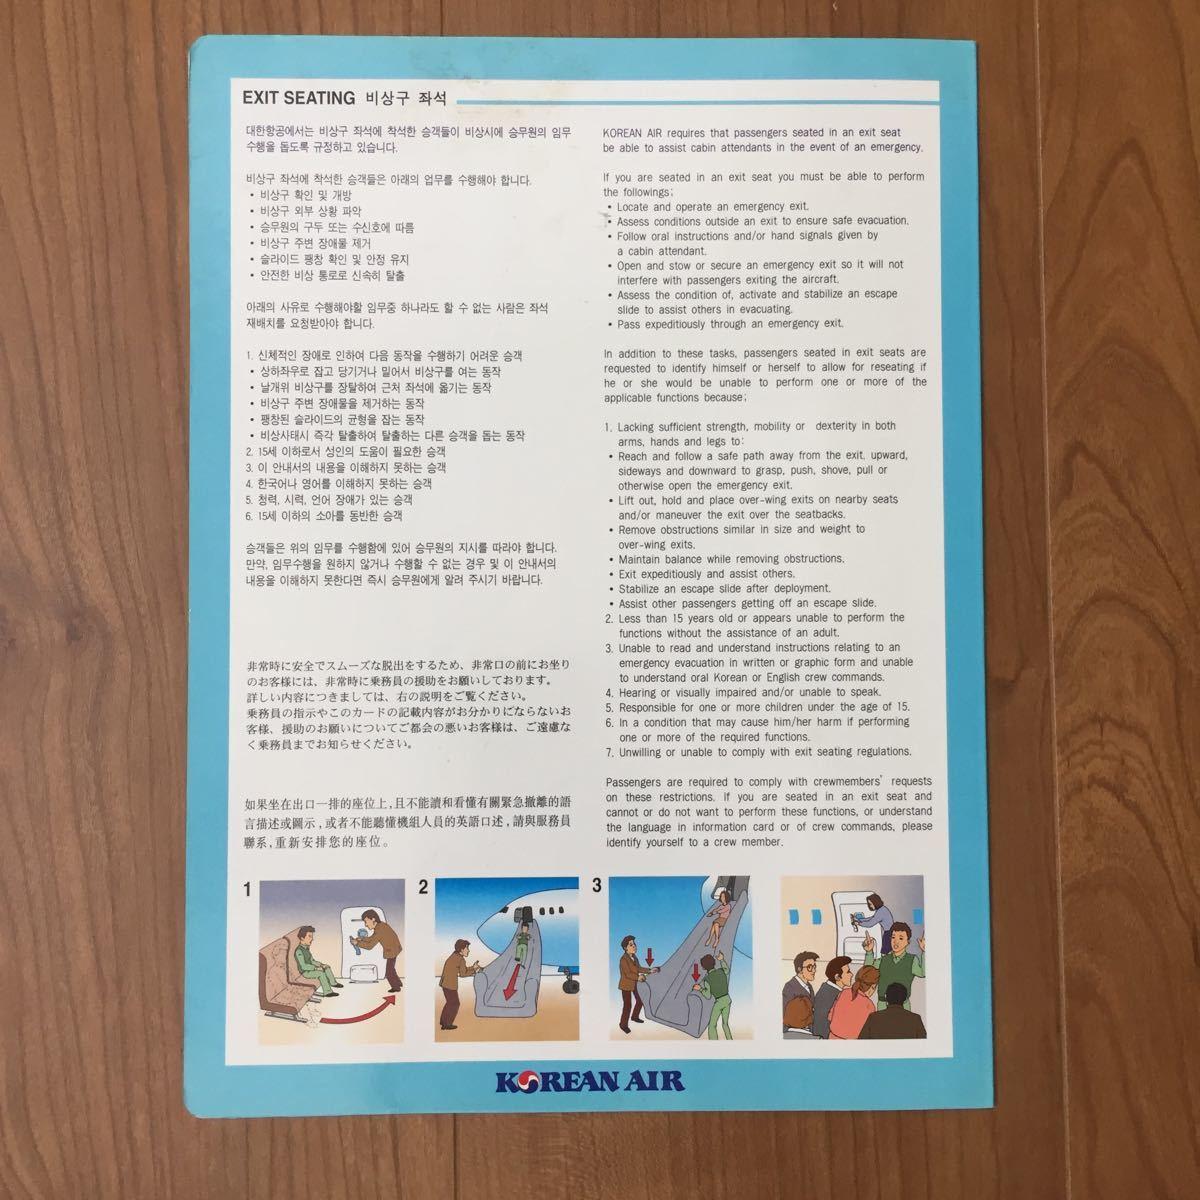 大韓航空 Korean Air B747-400 安全のしおり Safety Informations ジャンボ機 レトロ ボーイング_画像3